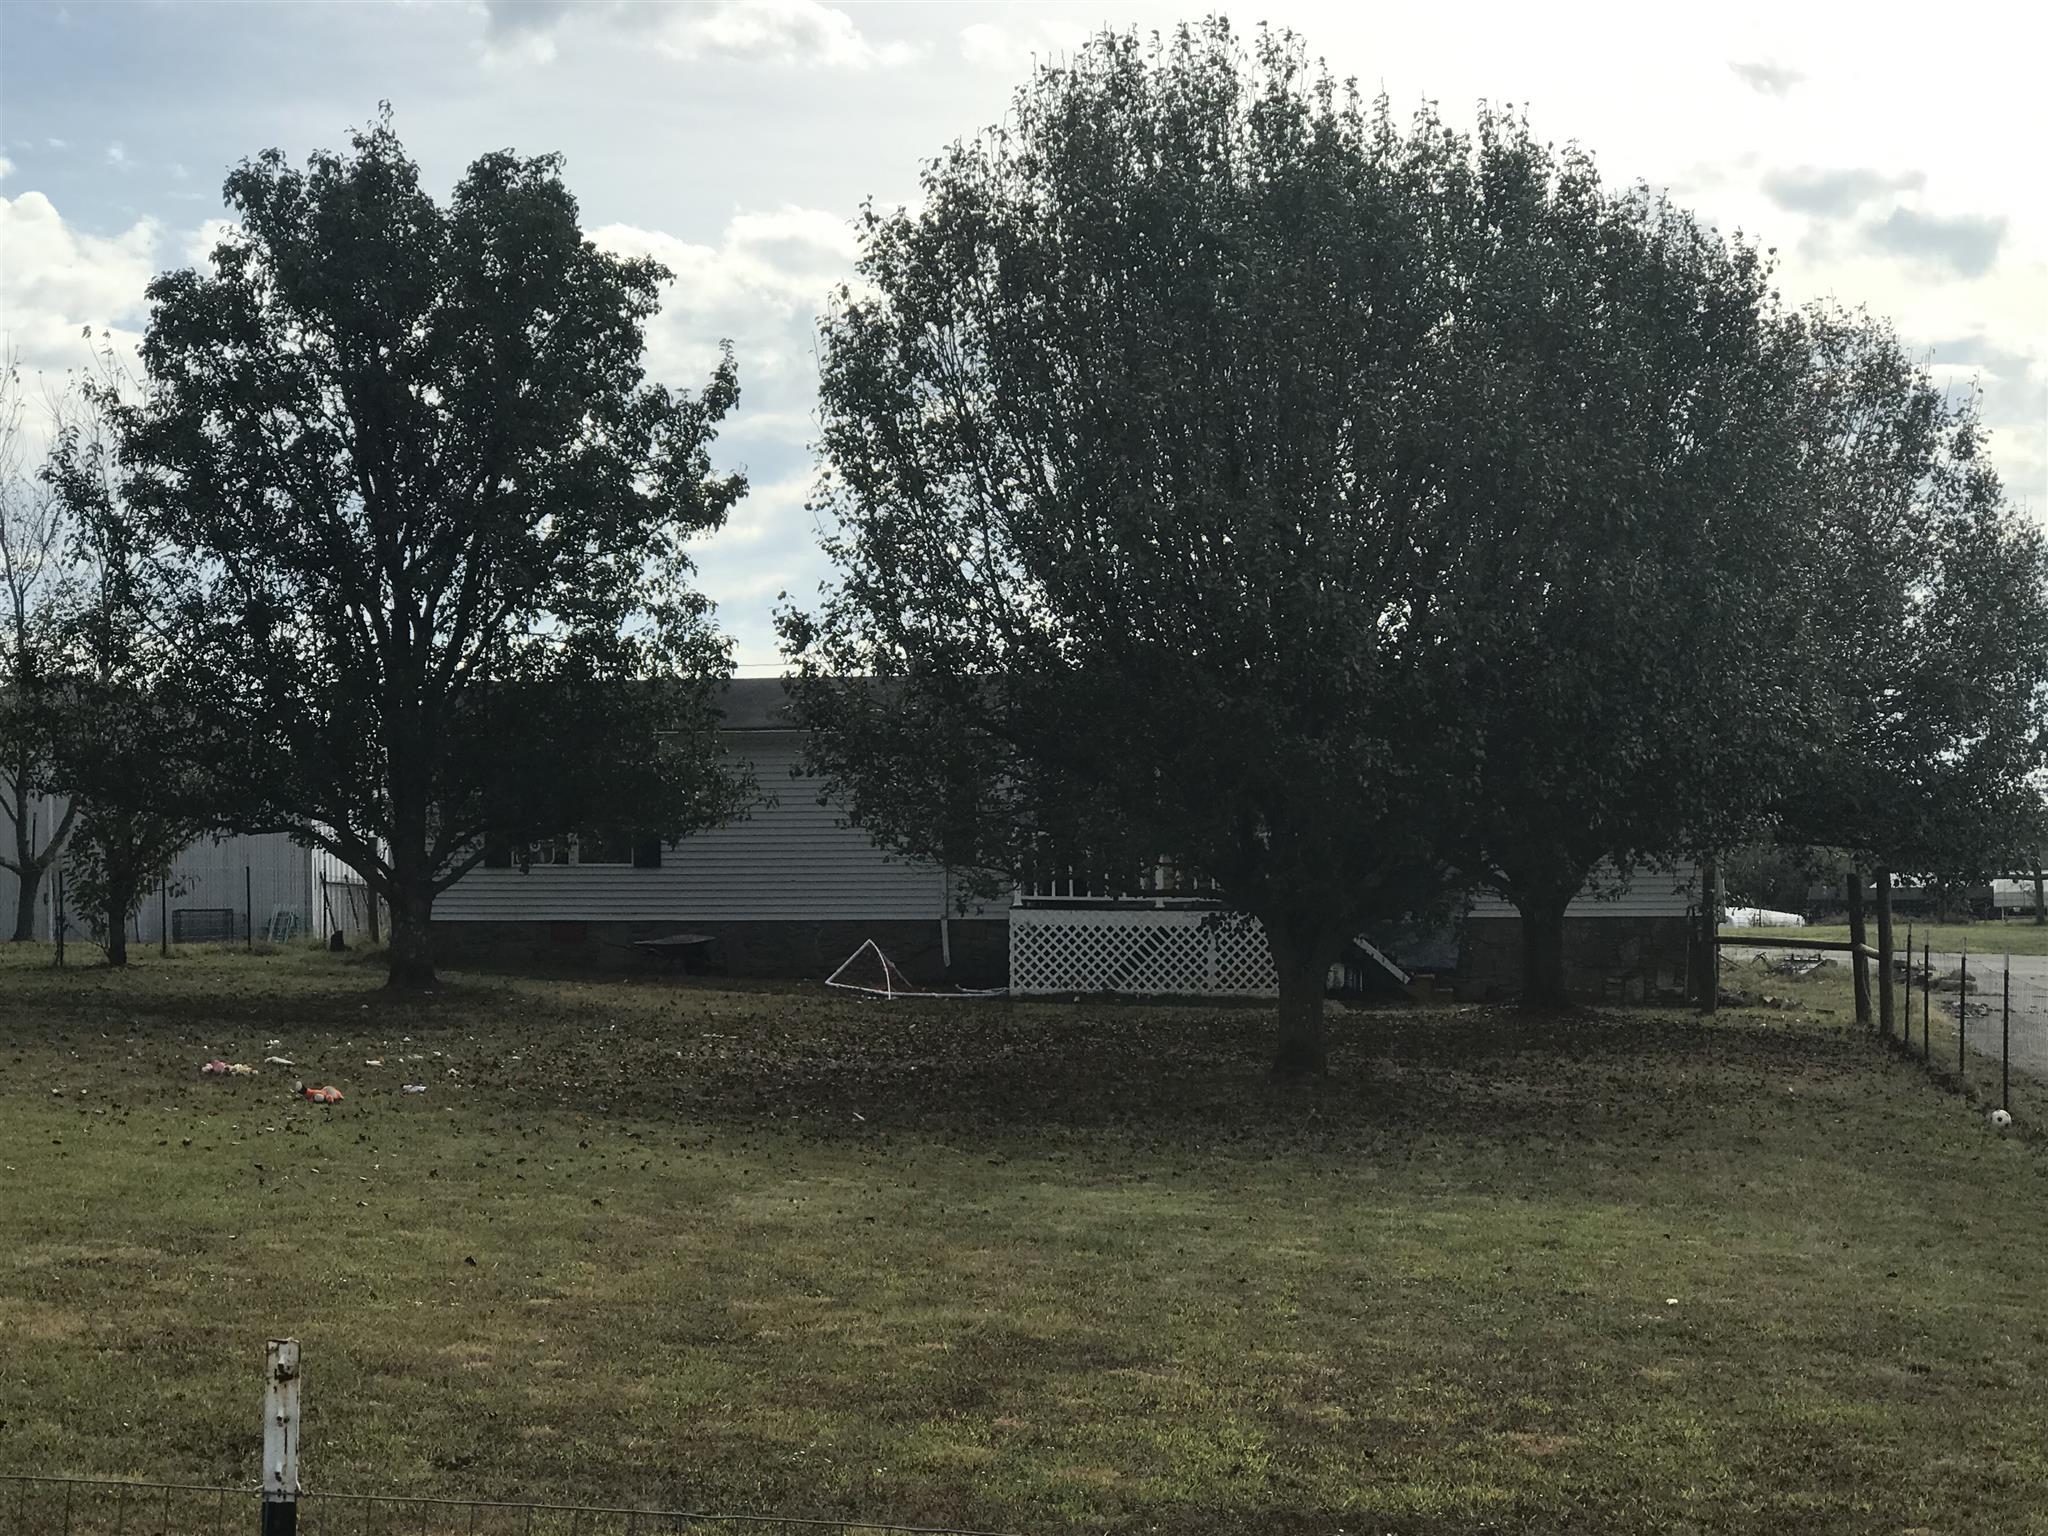 10675 Rockvale Rd, Rockvale, TN 37153 - Rockvale, TN real estate listing